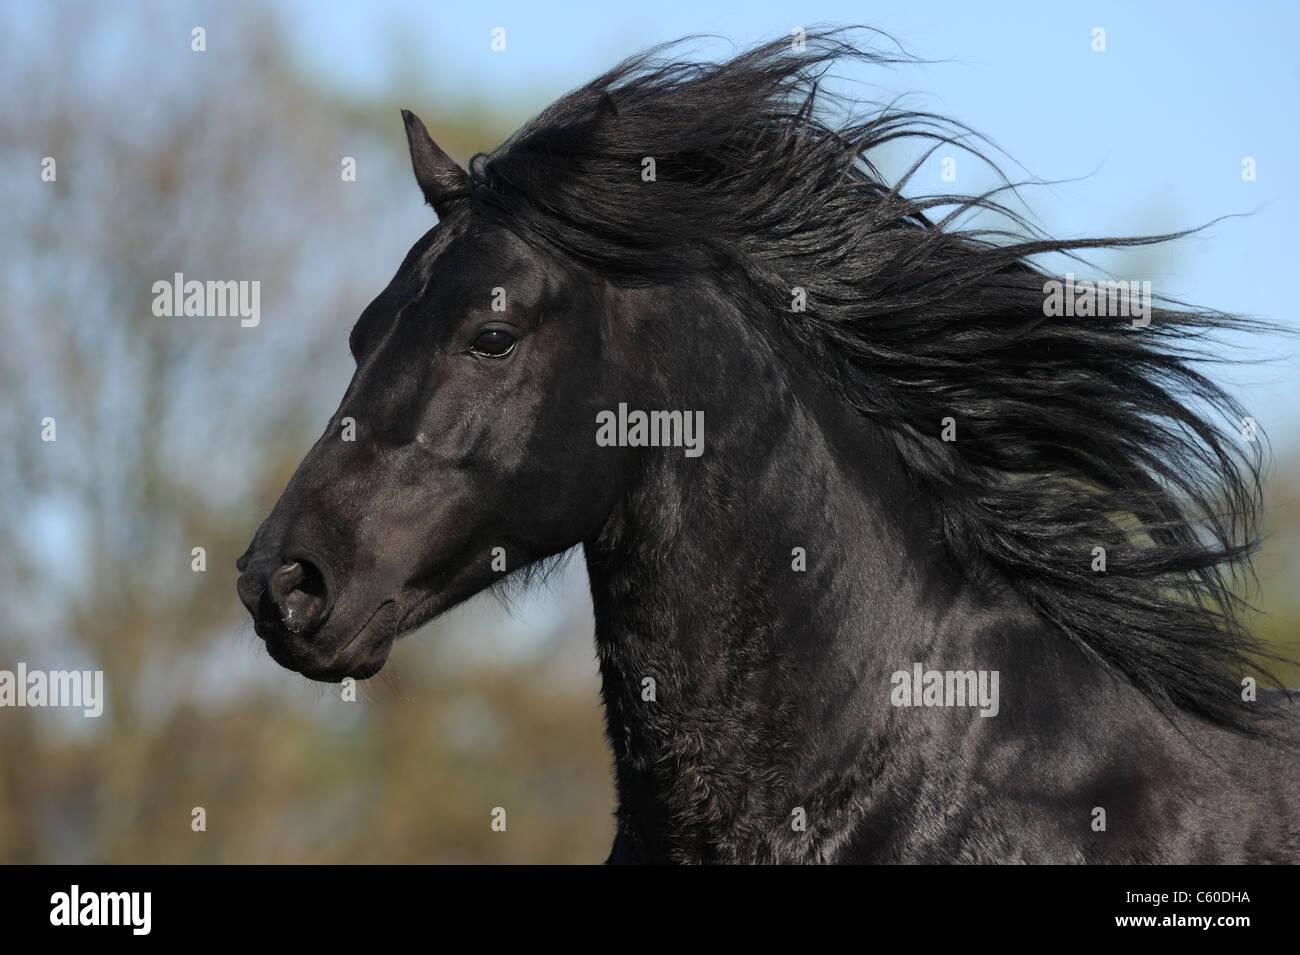 Morgan Harse (Equus ferus caballus). Black stallion with flowing mane. - Stock Image